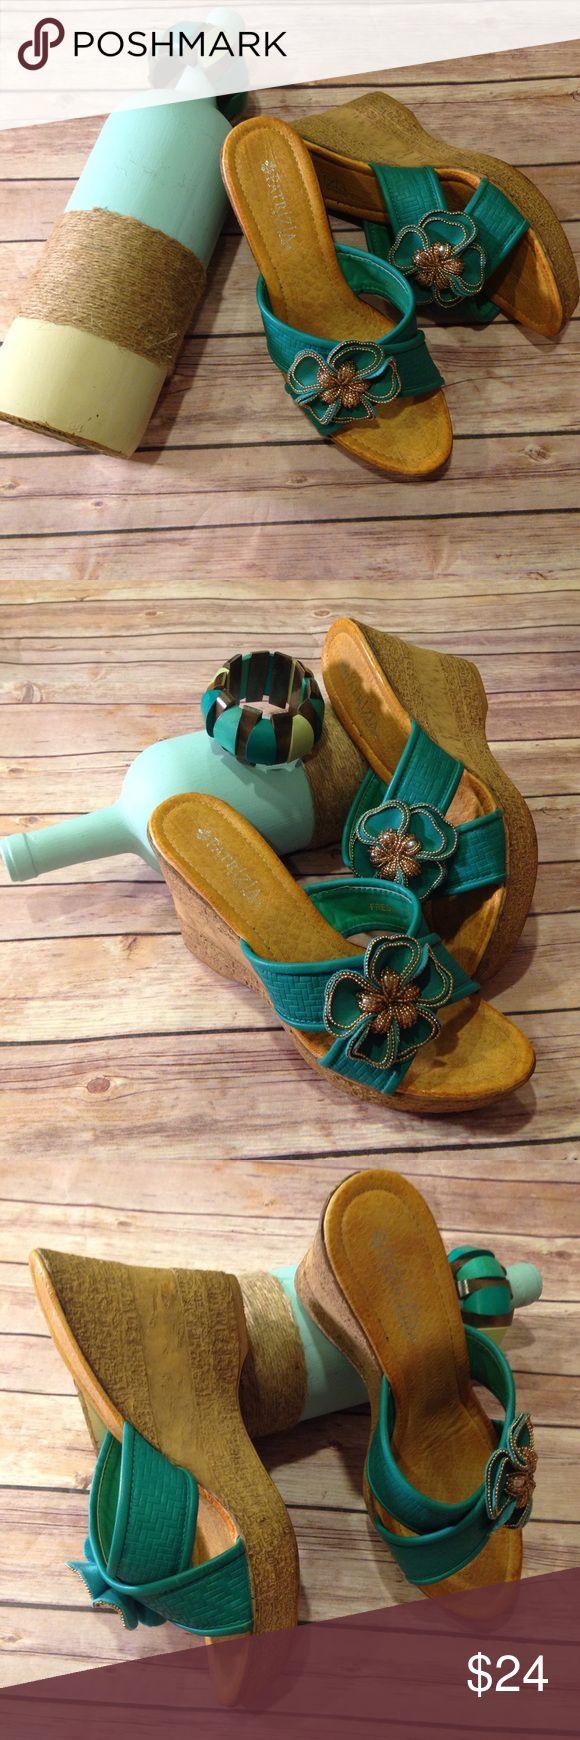 Patrizia Fresia Turquoise Wedge Sandal, Sz Euro 40 Patrizia by Spring Step turquoise floral embellished wedge sandal Patrizia Shoes Sandals